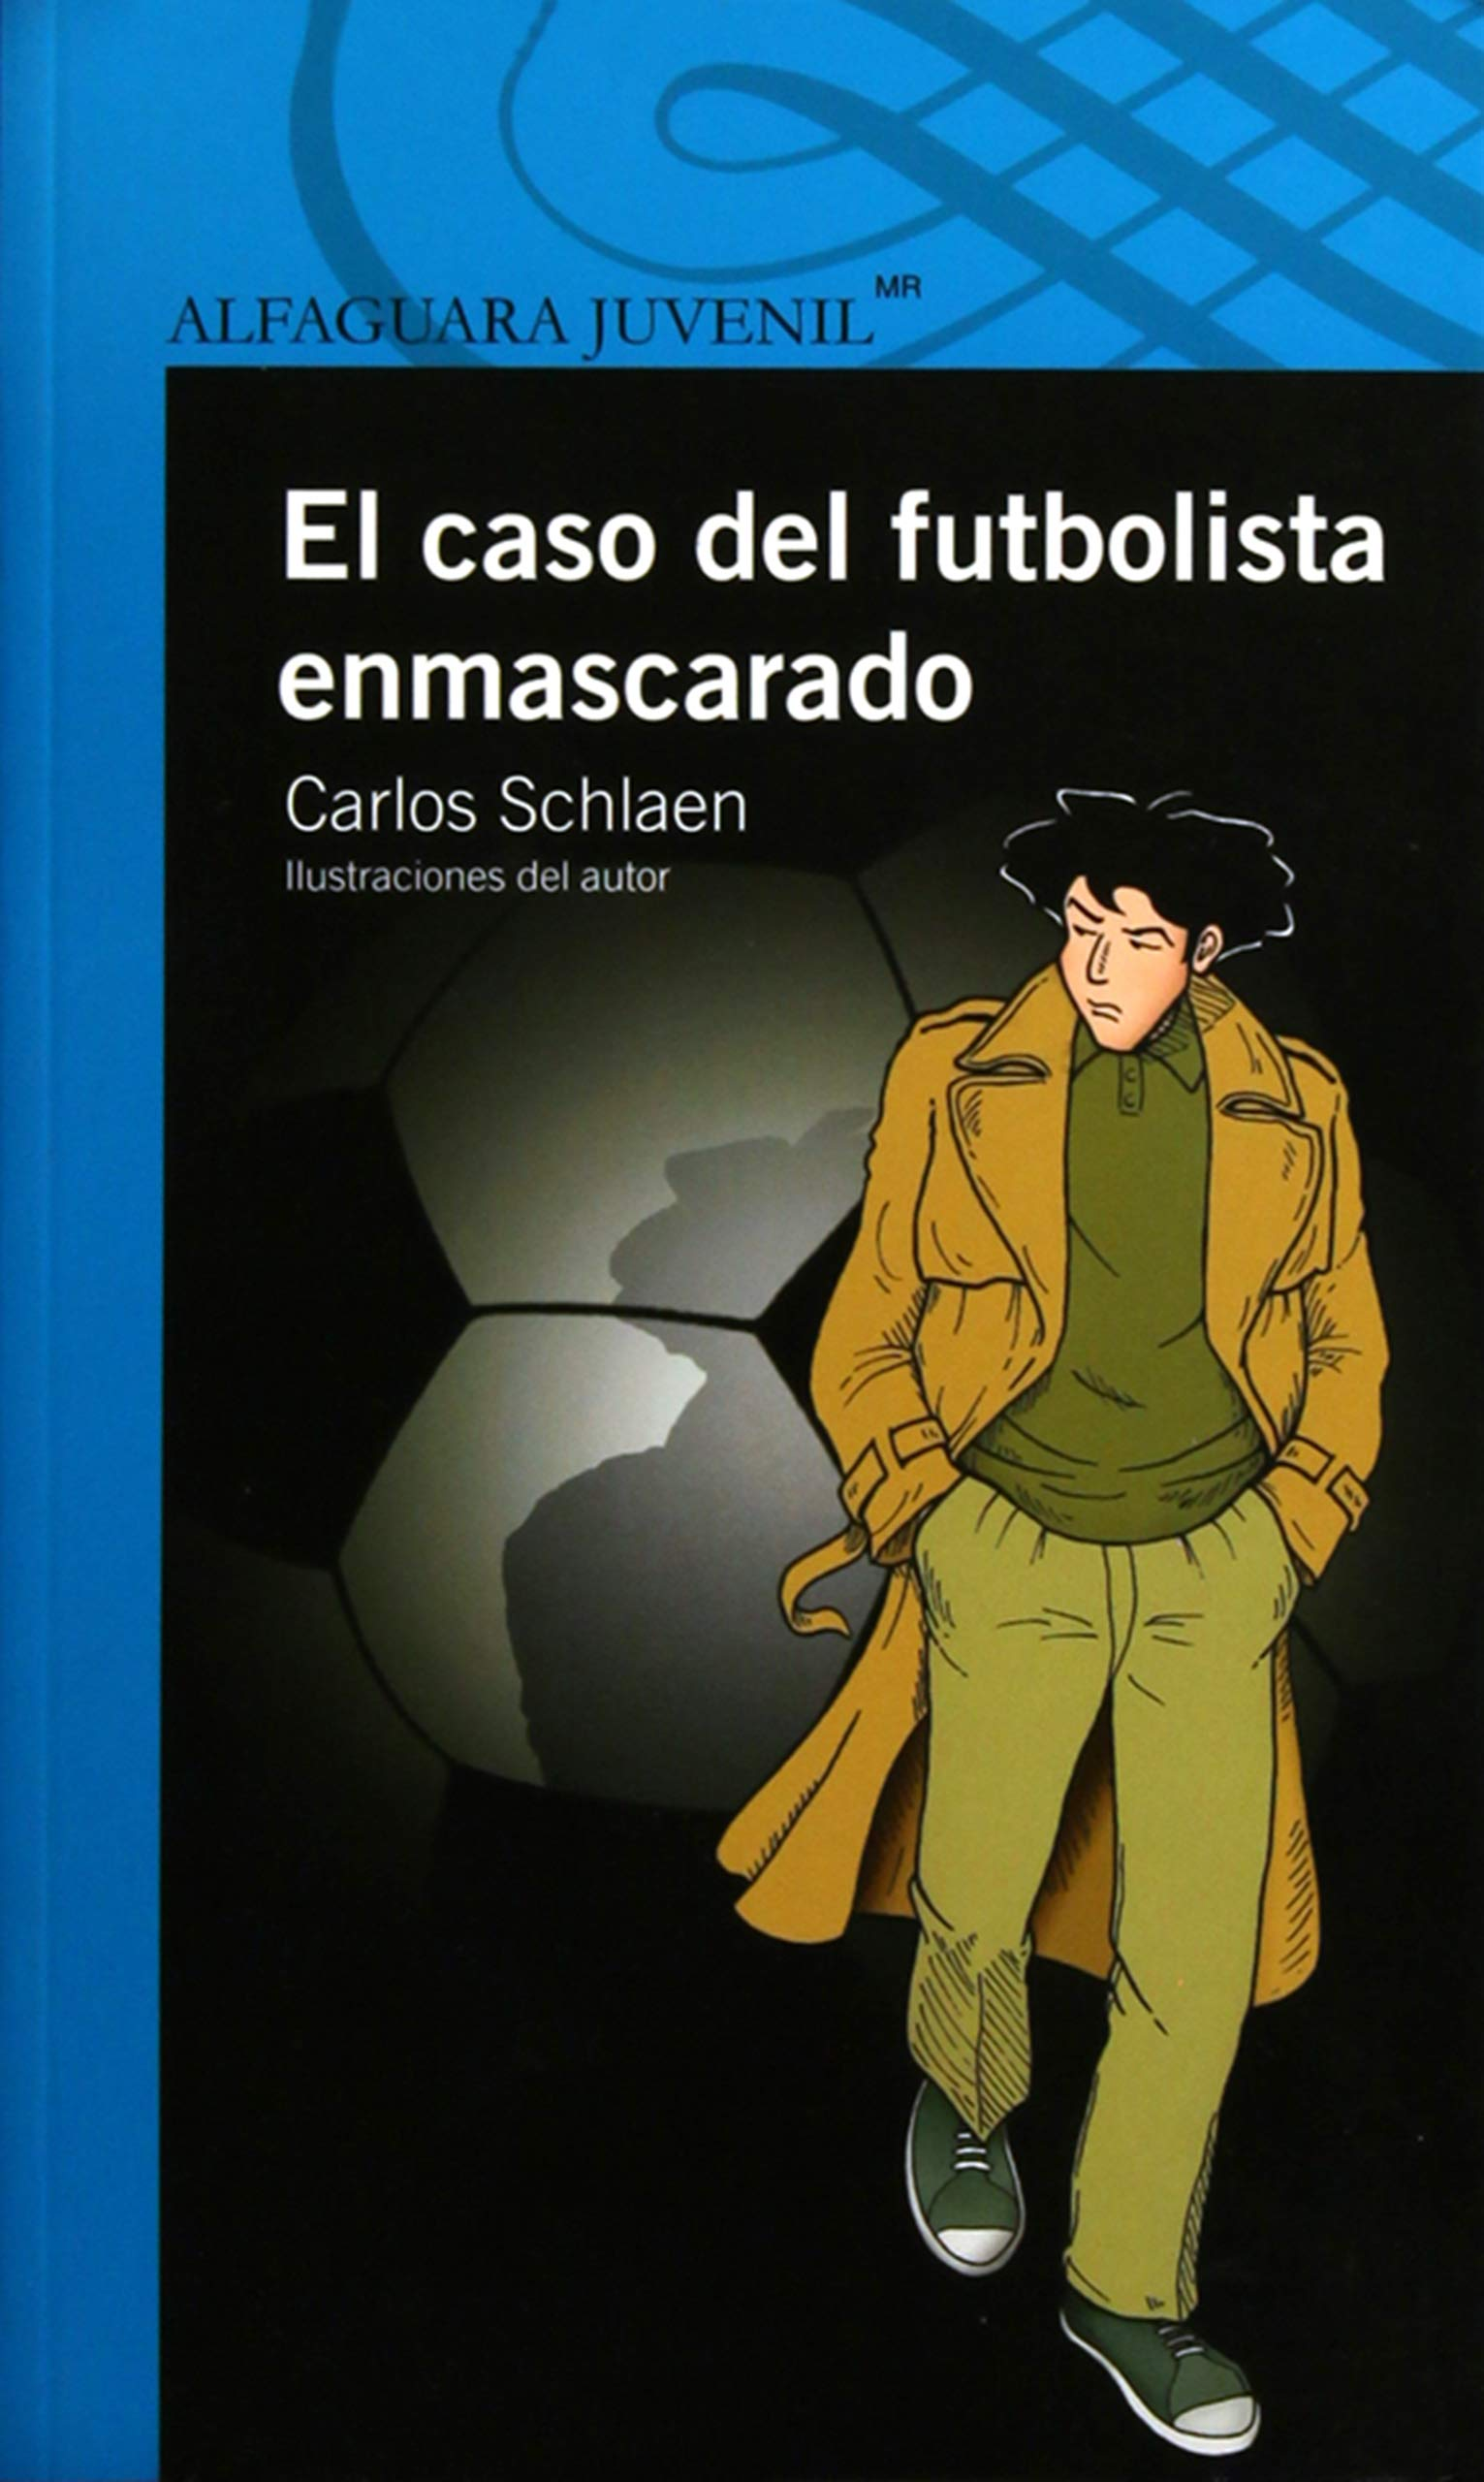 EL CASO DEL FUTBOLISTA ENMASCARADO (Spanish)